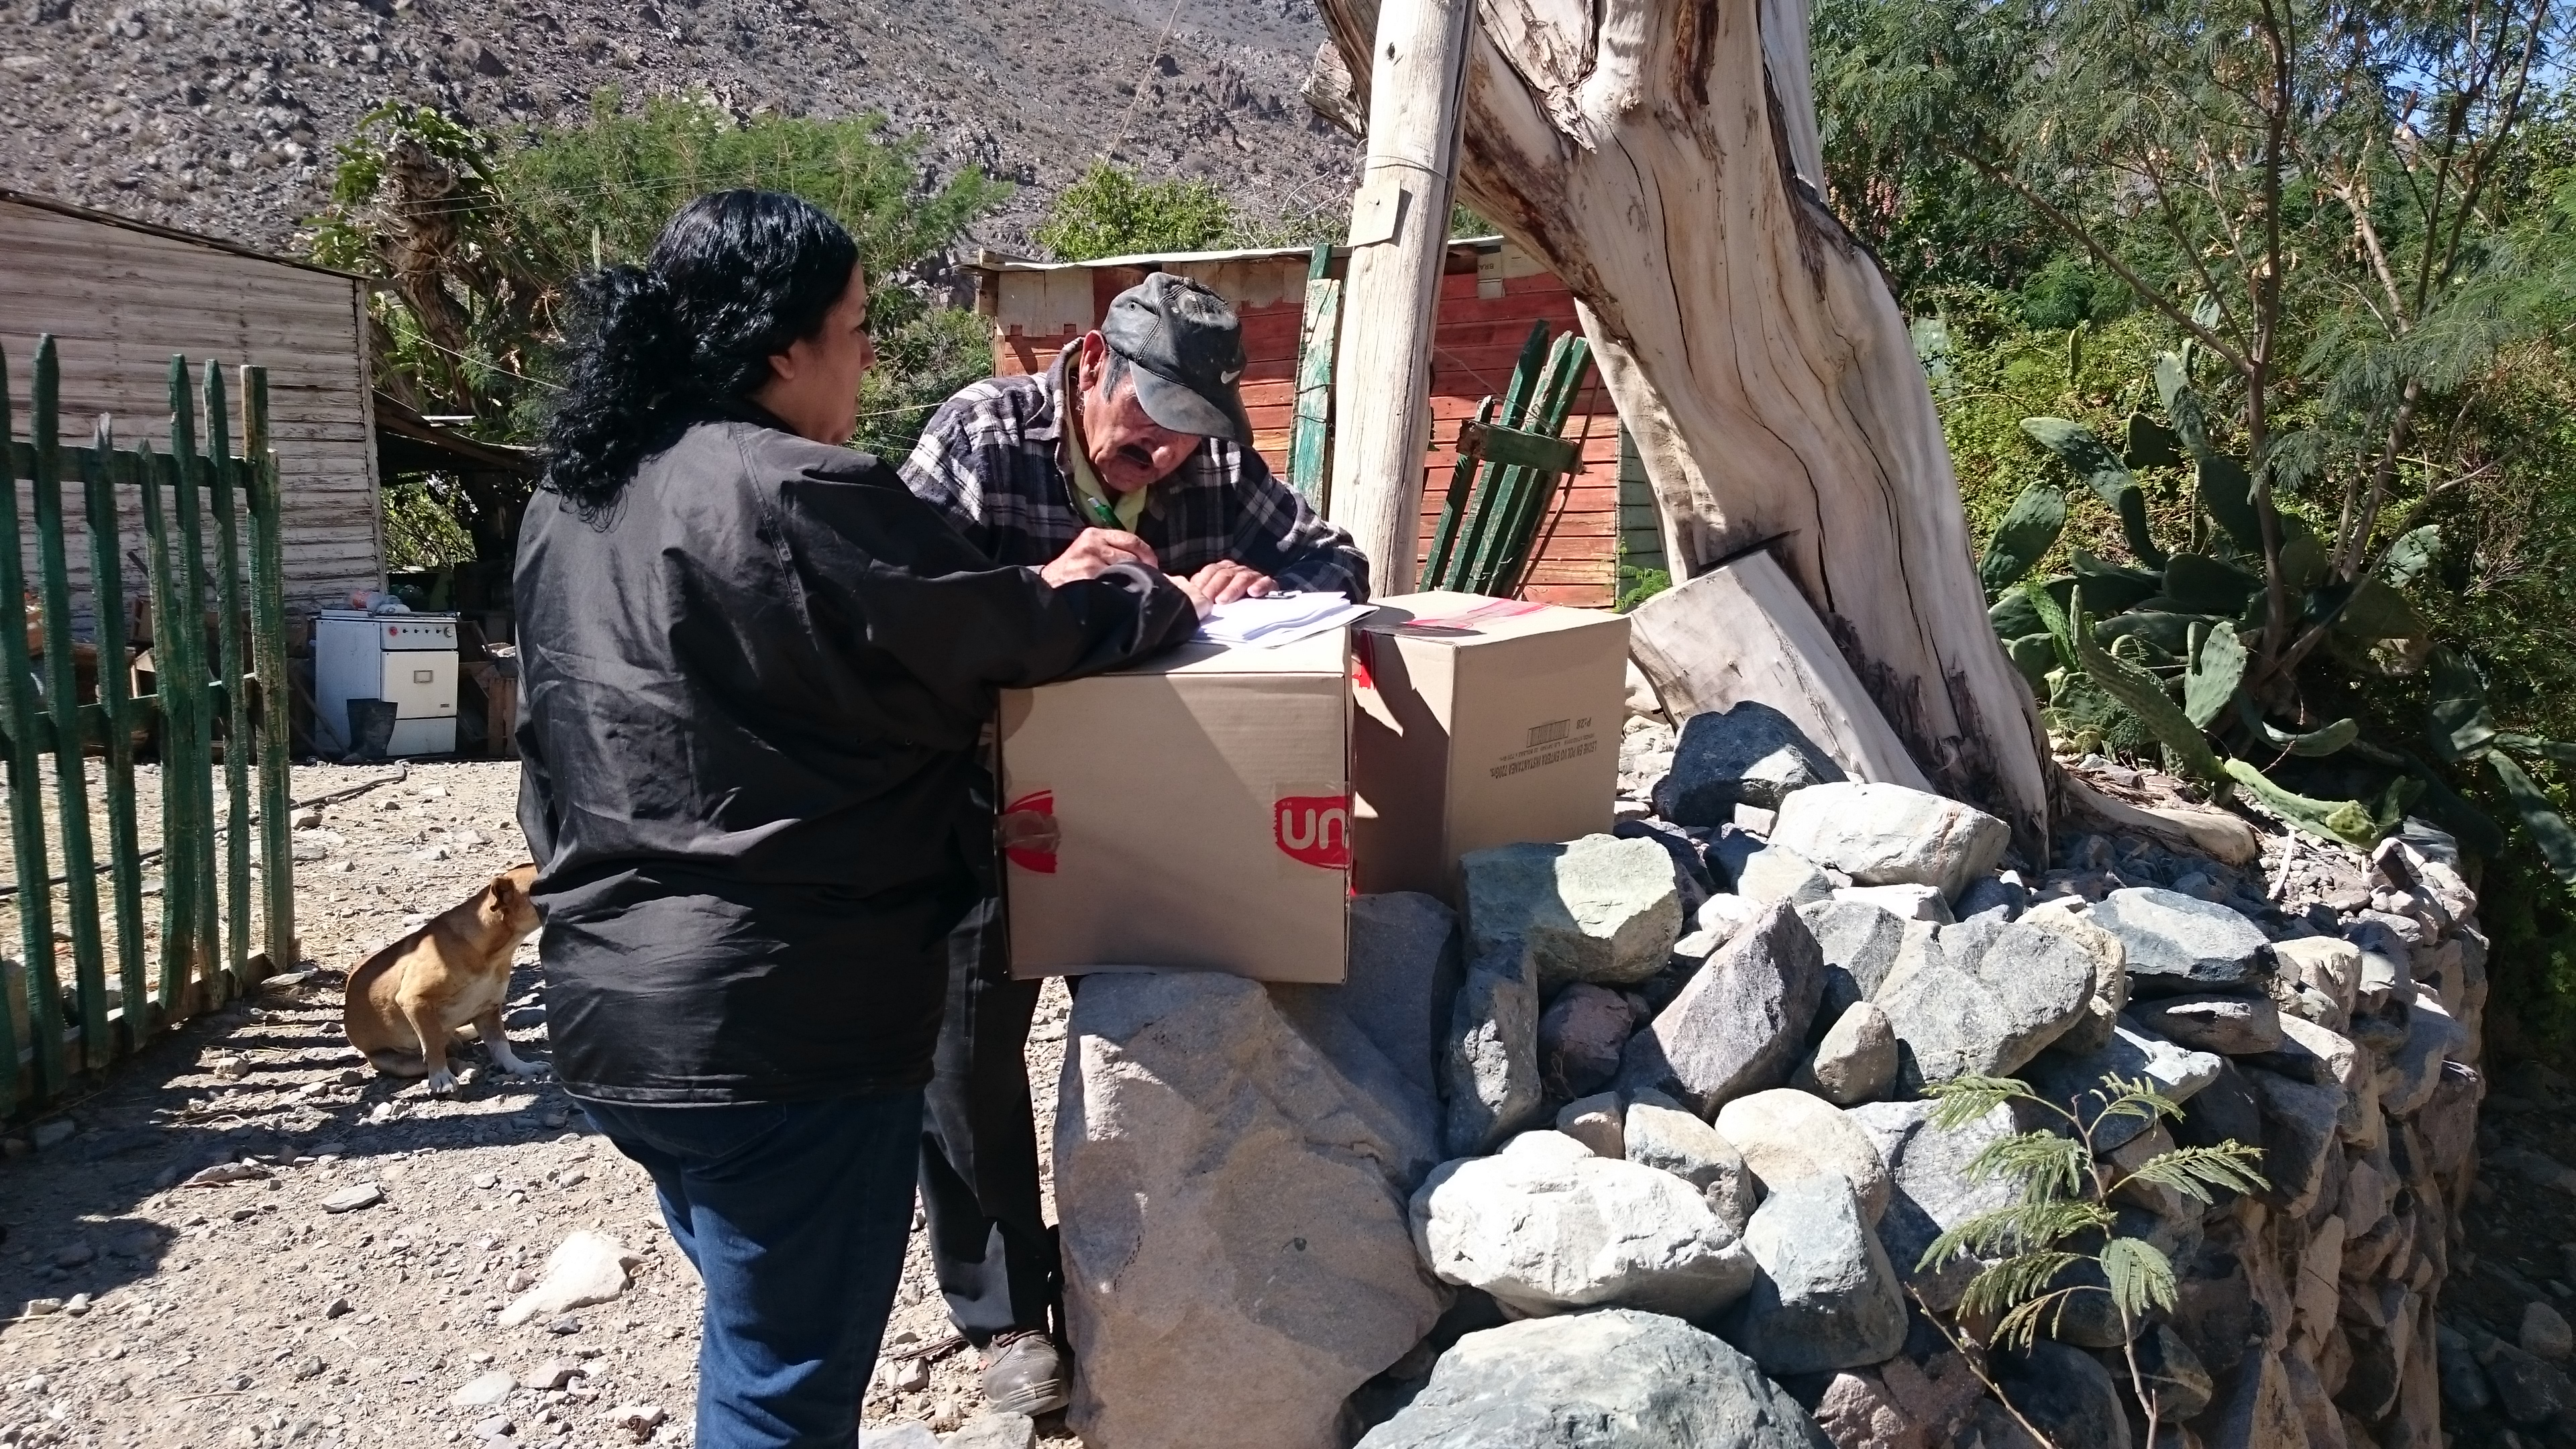 Continúan entregando ayuda a sectores afectados por tragedia en el Huasco